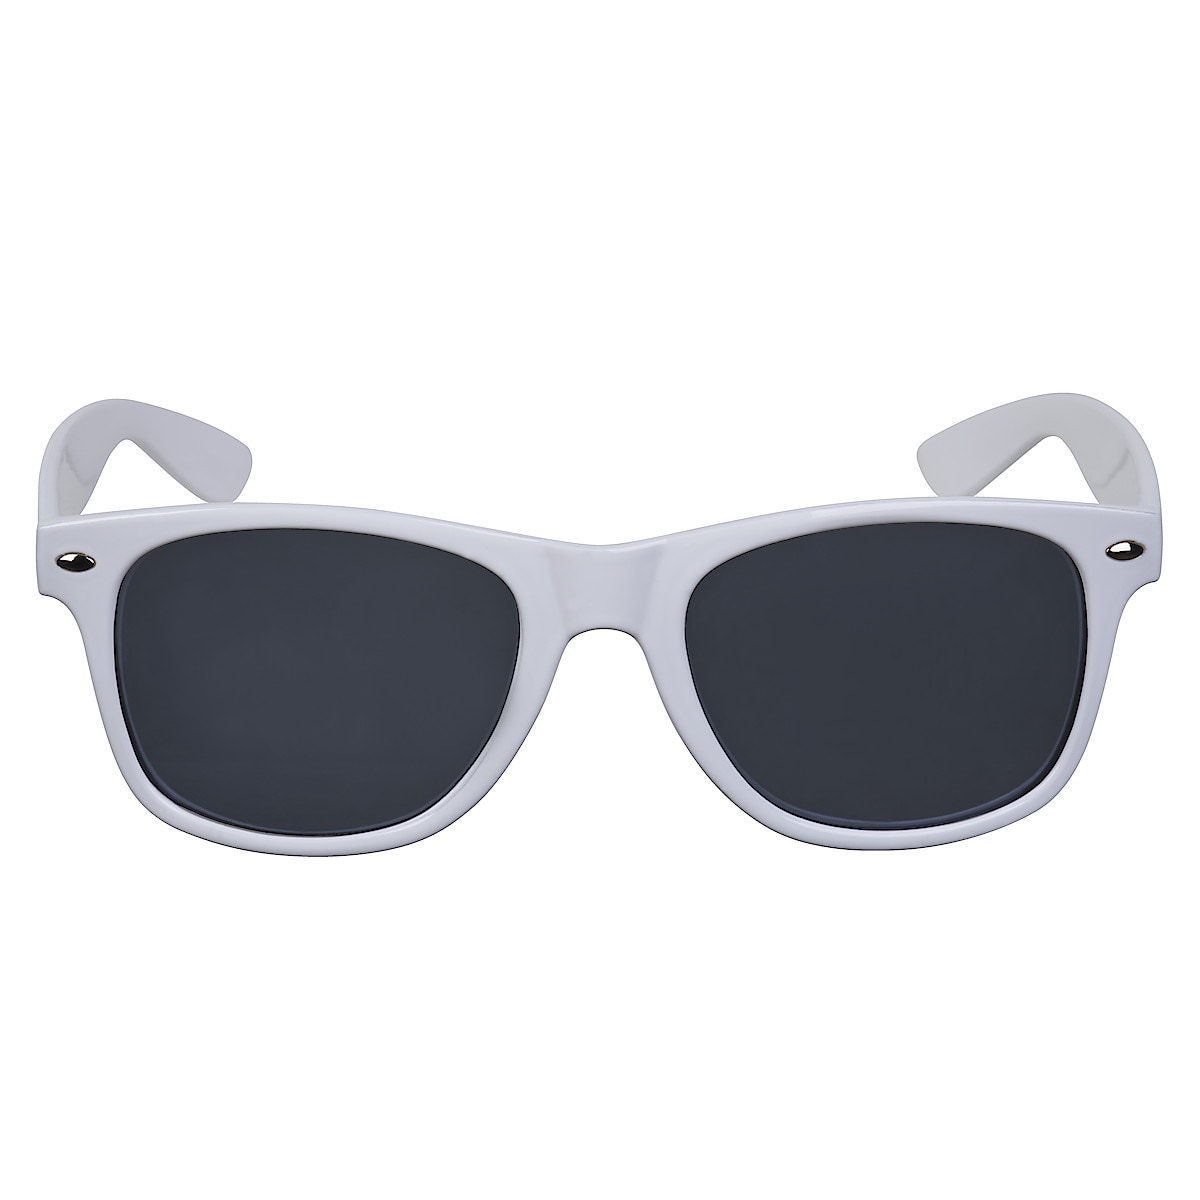 Solglasögon plast